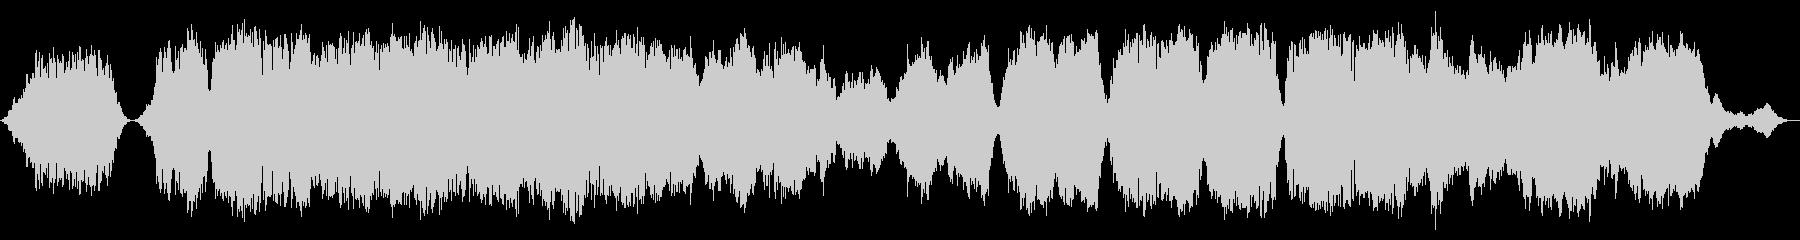 悲しく神秘的な曲の未再生の波形